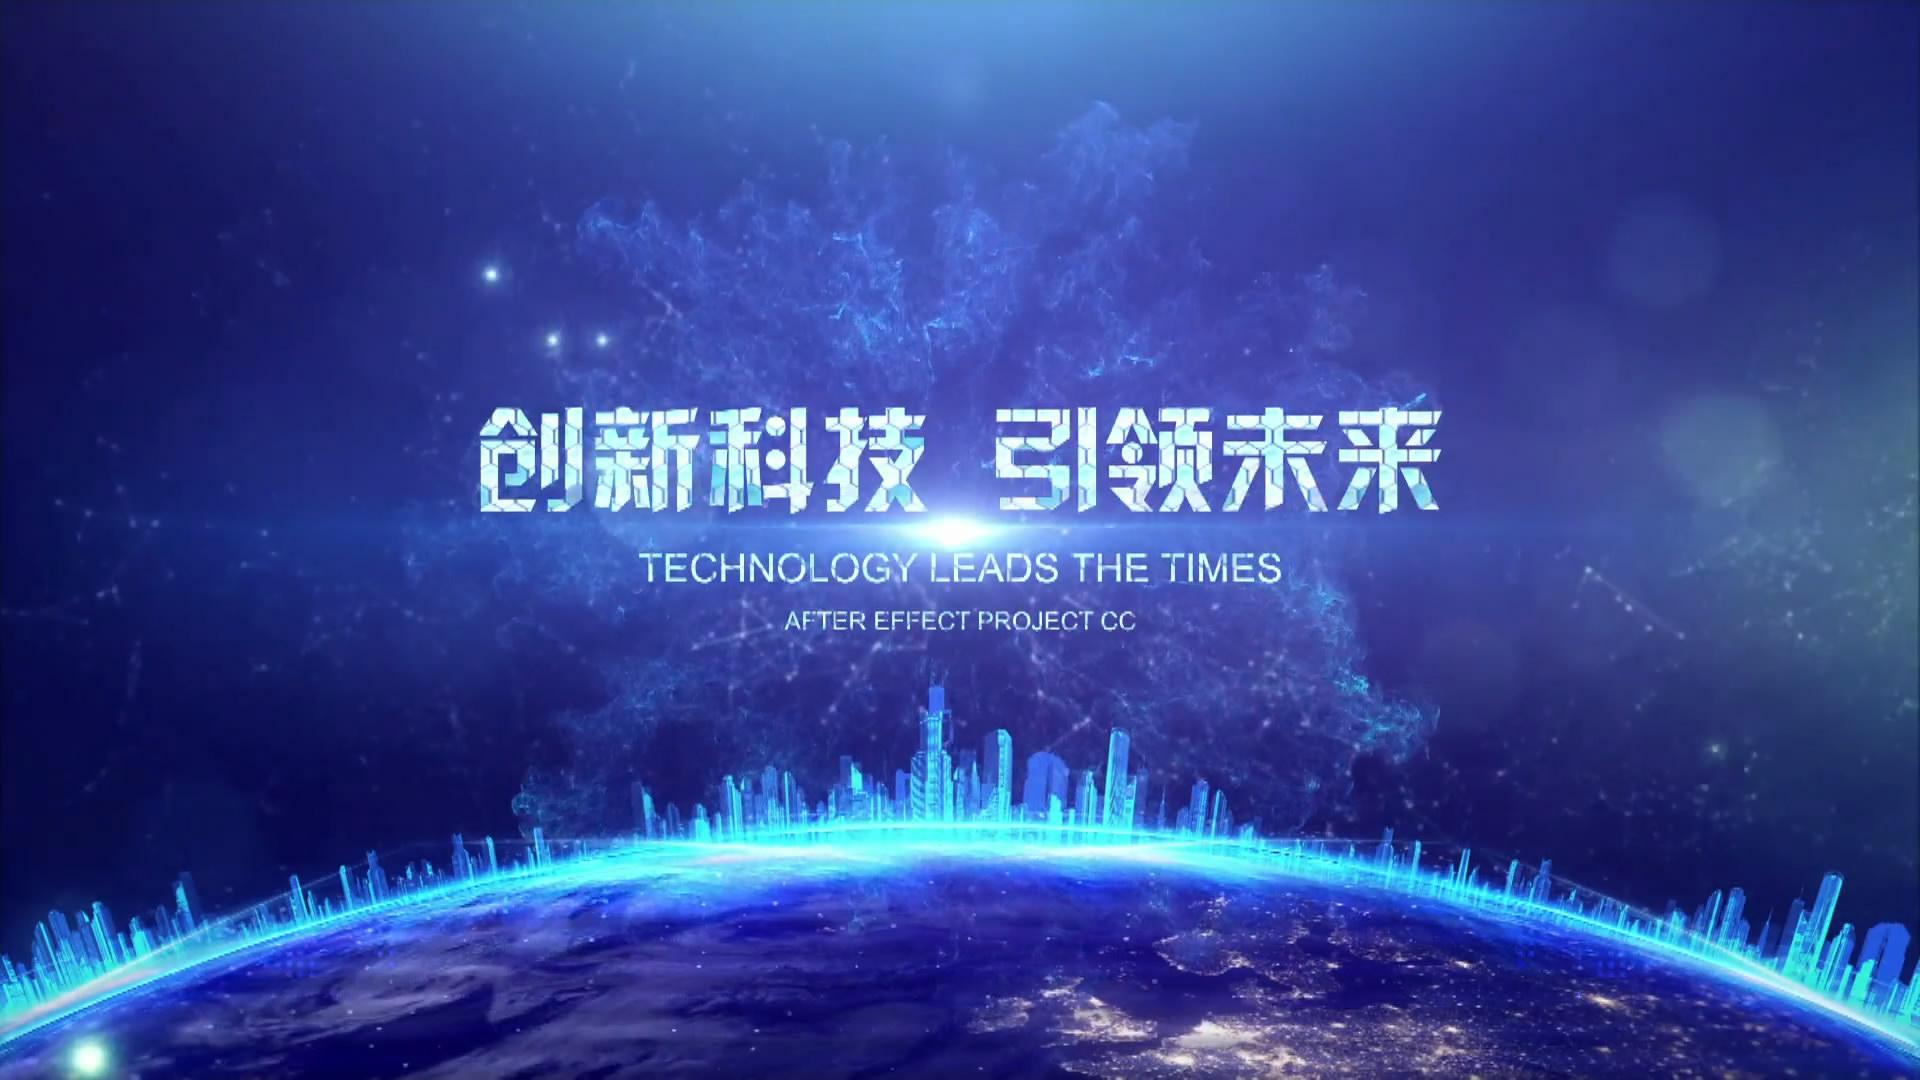 震撼科技感Logo演绎城市科技片头企业标题文字AE模板